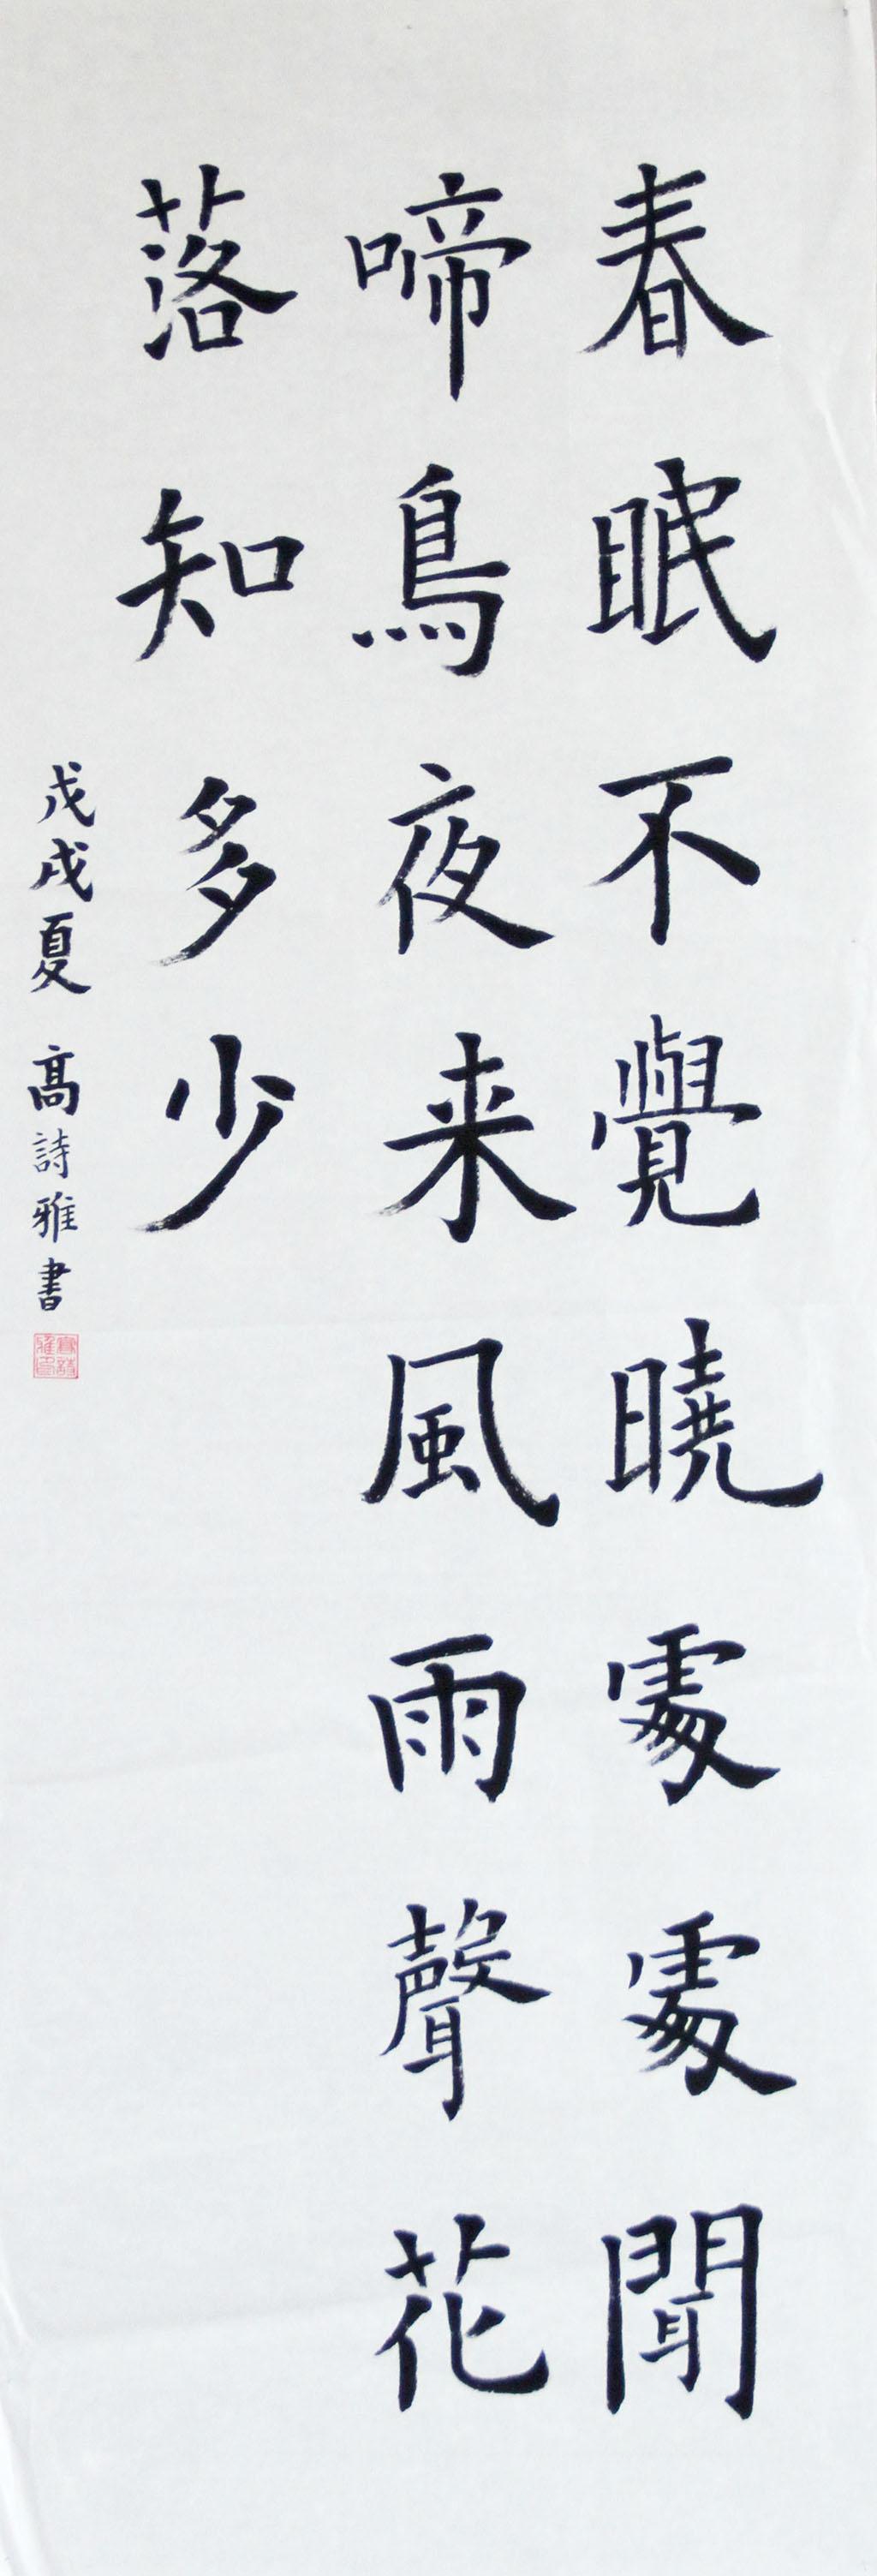 高诗雅 小学高年级组三等奖